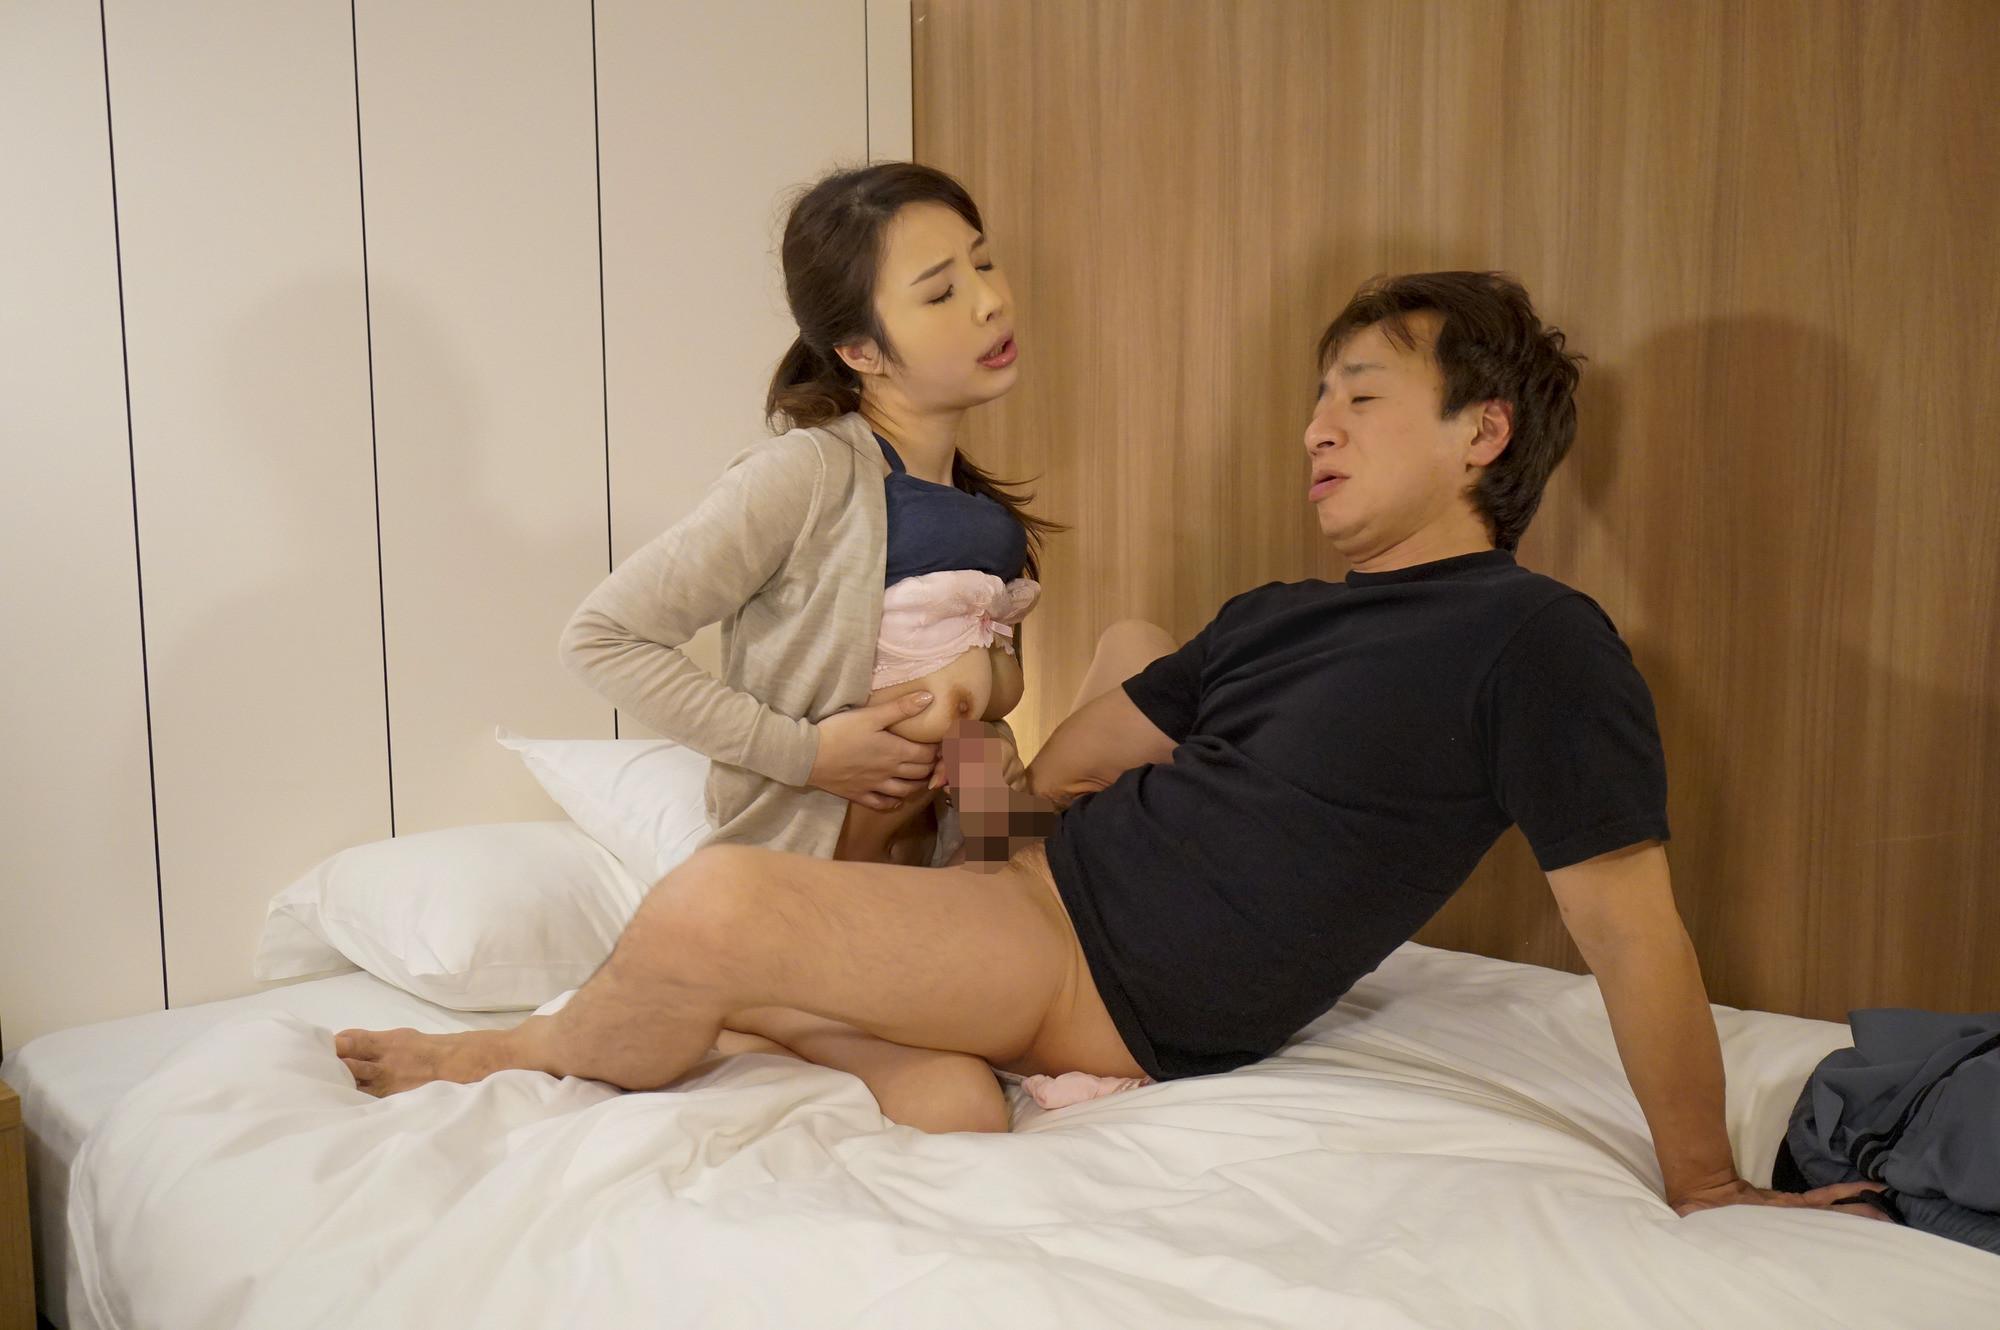 十年以上もセックスレスの美魔女マッサージ師に生挿入 恵麻48歳 画像9